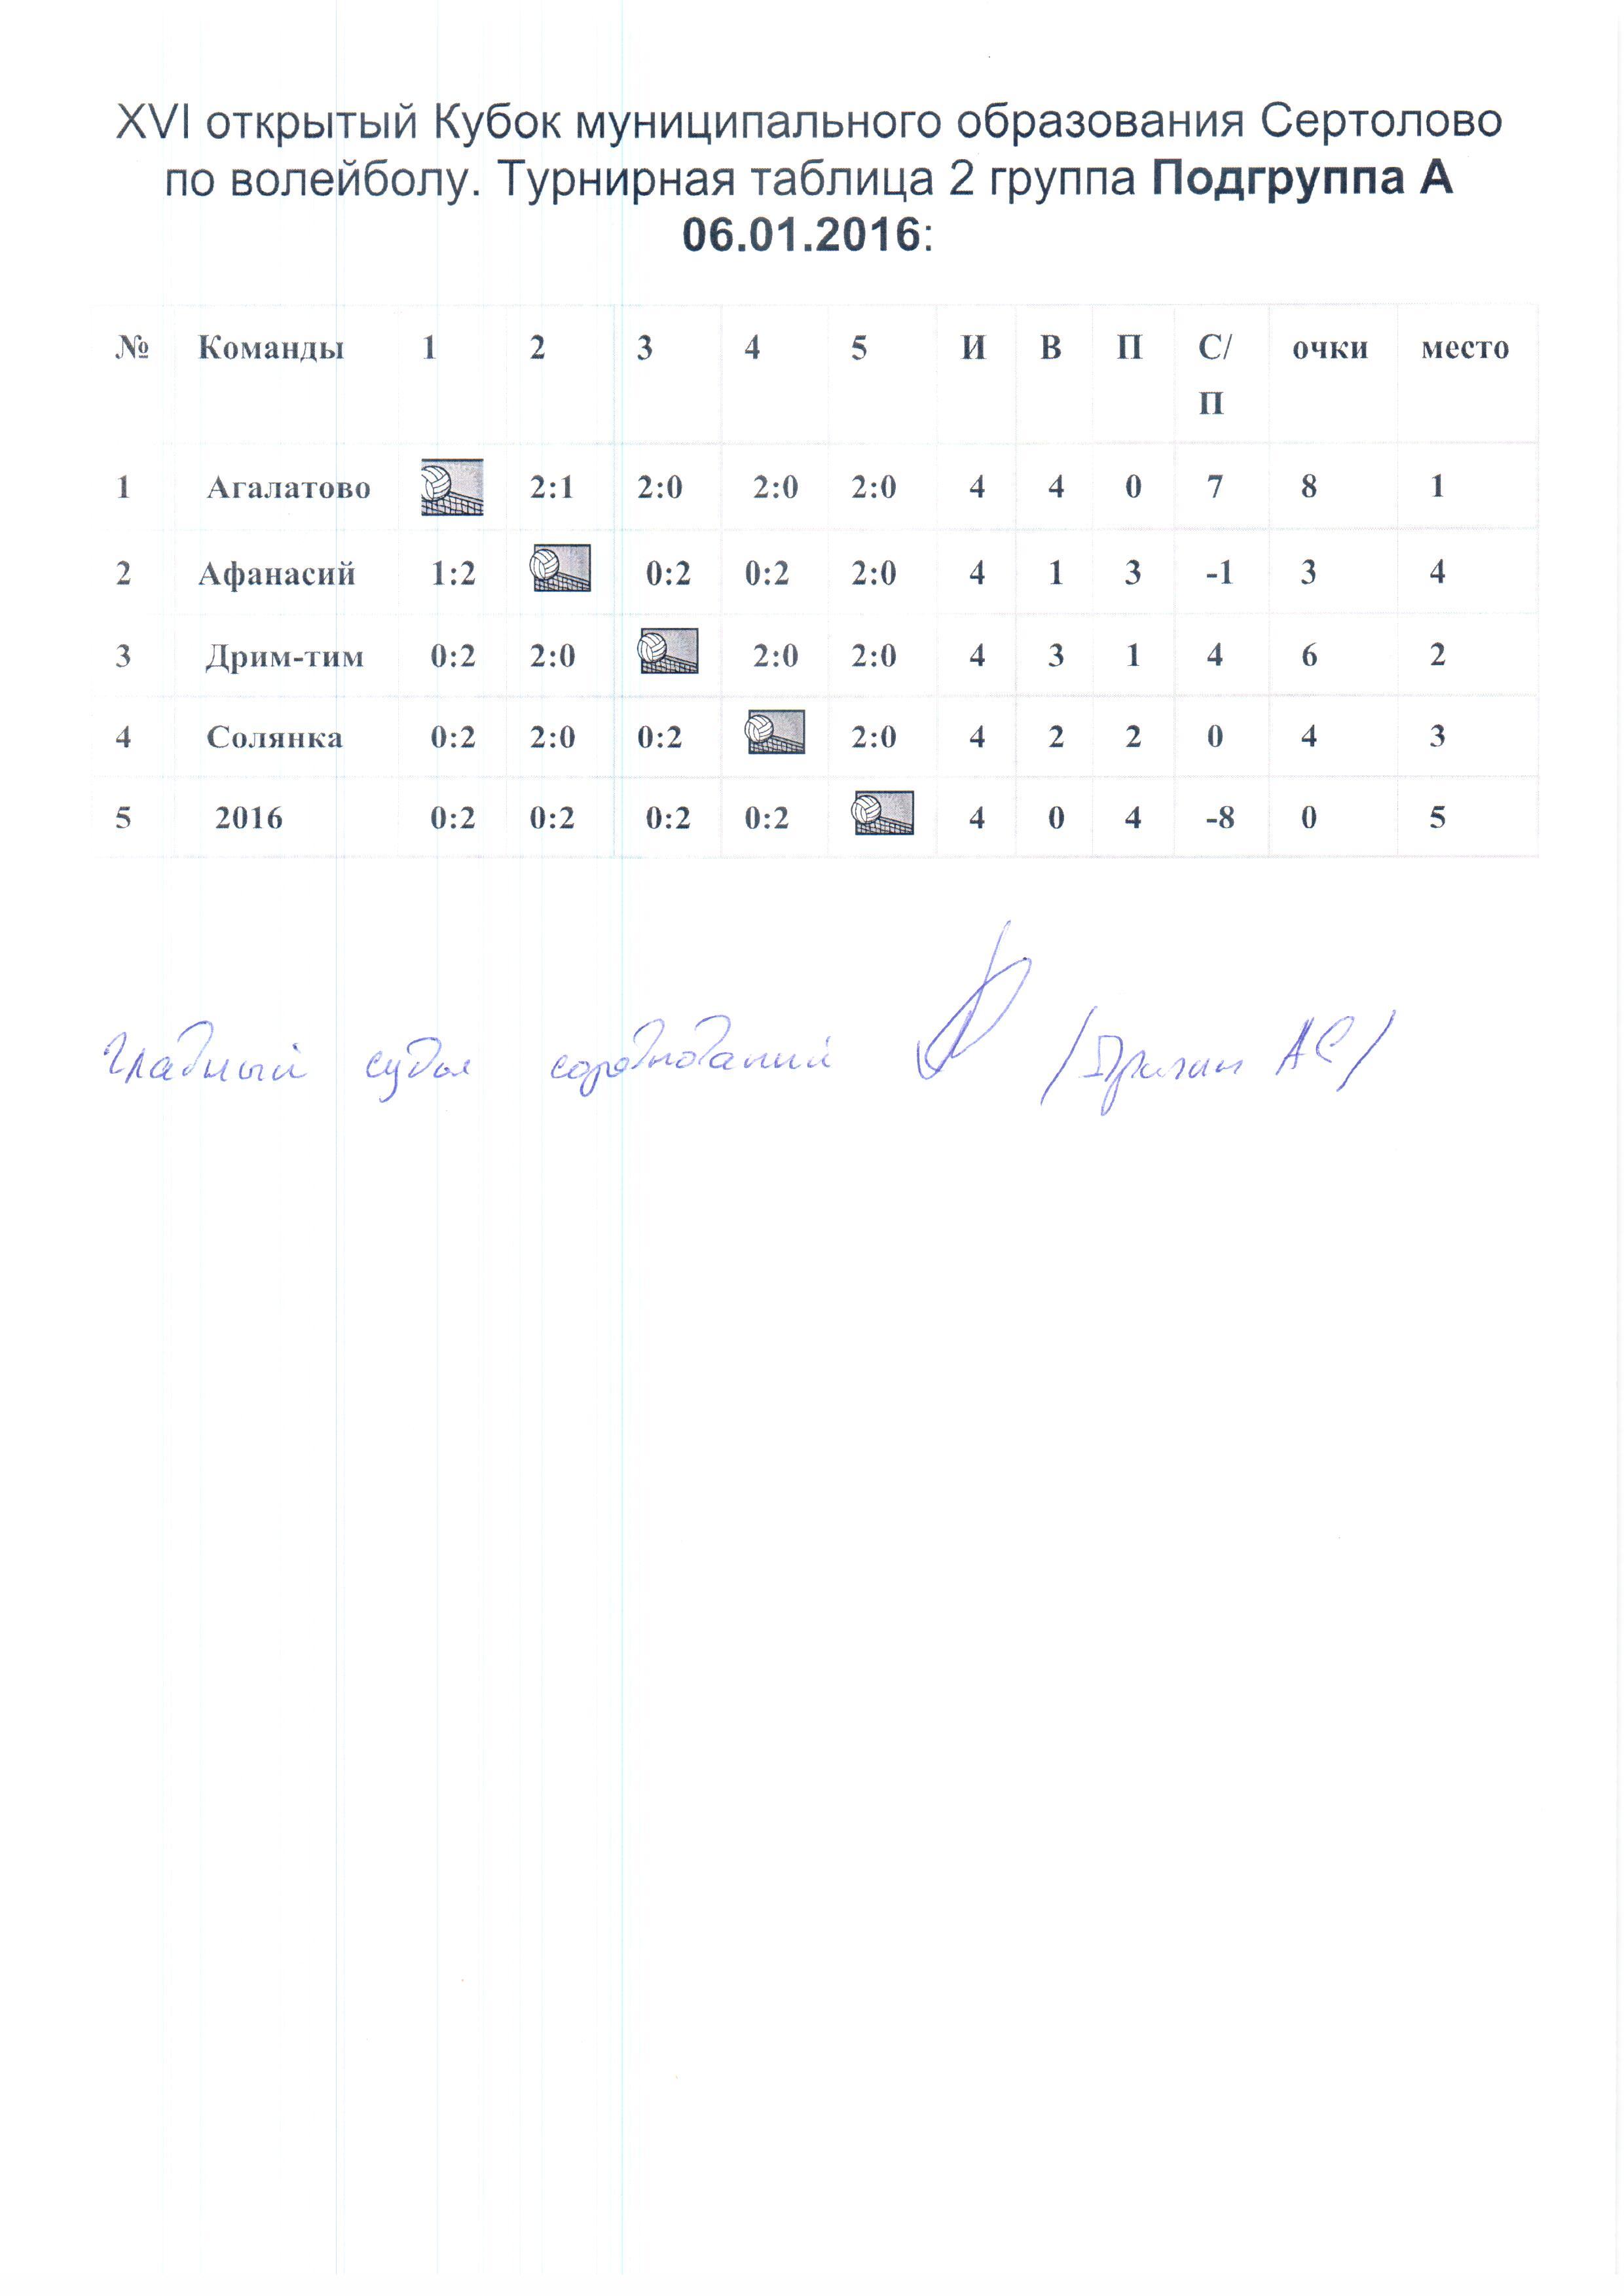 Результаты 2 группа XVI Кубок МО Сертолово по волейболу.